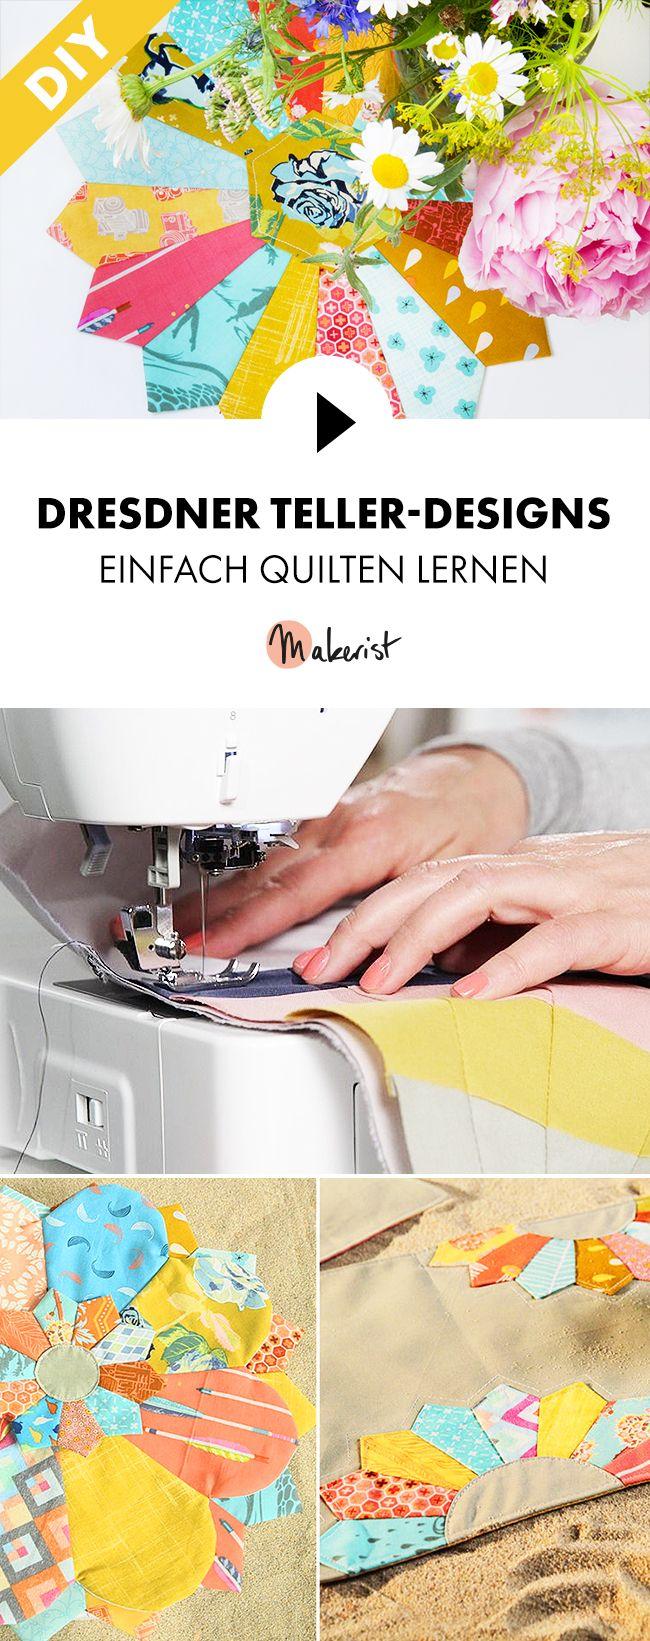 Dresdner Teller-Designs quilten lernen - Schritt für Schritt erklärt im Video-Kurs via Makerist.de